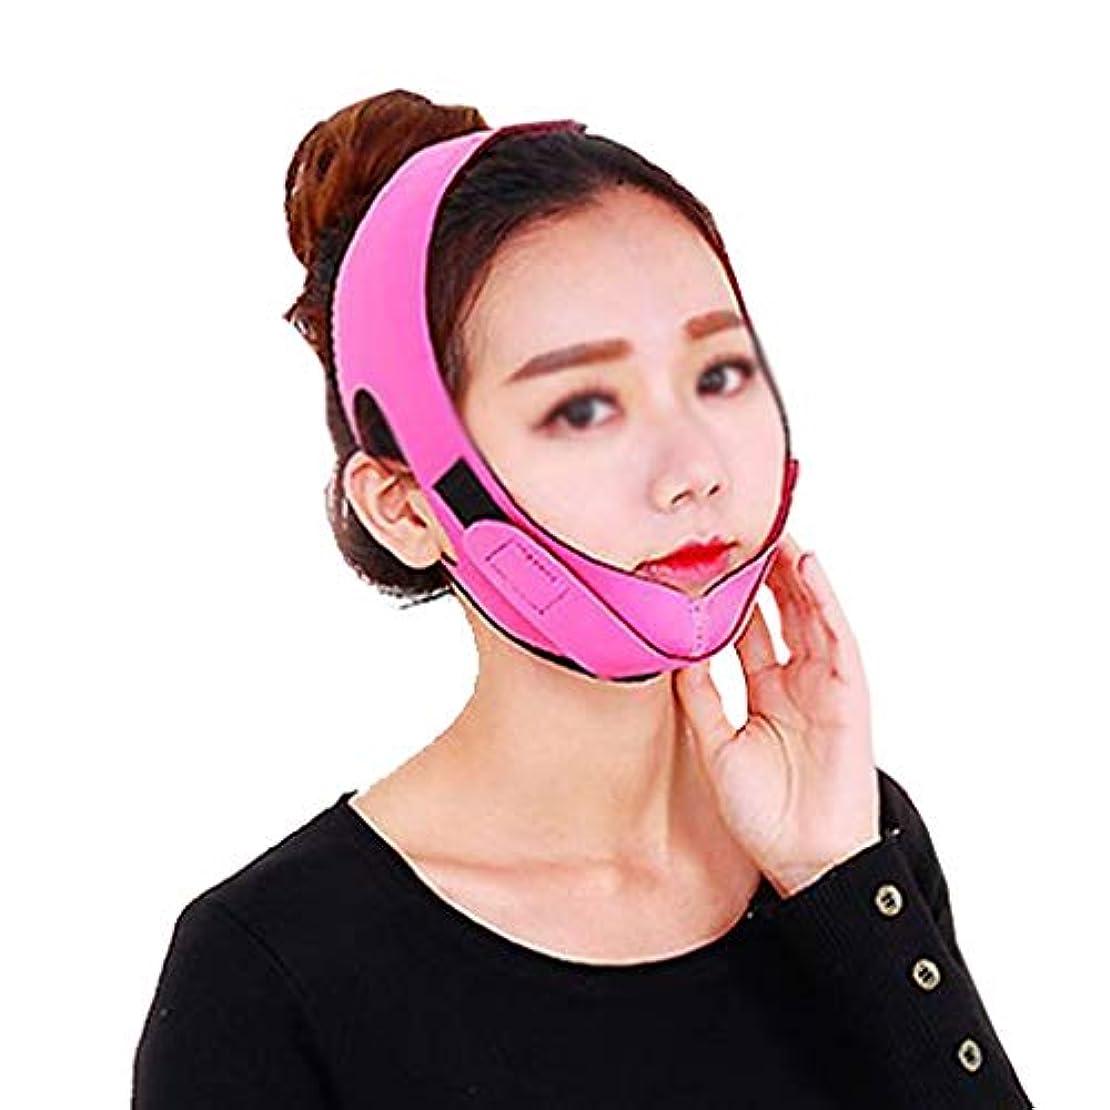 発音するステップ系統的ZWBD フェイスマスク, フェイスリフトマスクアーティファクトフェイスリフティング包帯男性と女性フェイスリフティング器具スモールVフェイス包帯リフティングダブルチンフェイス